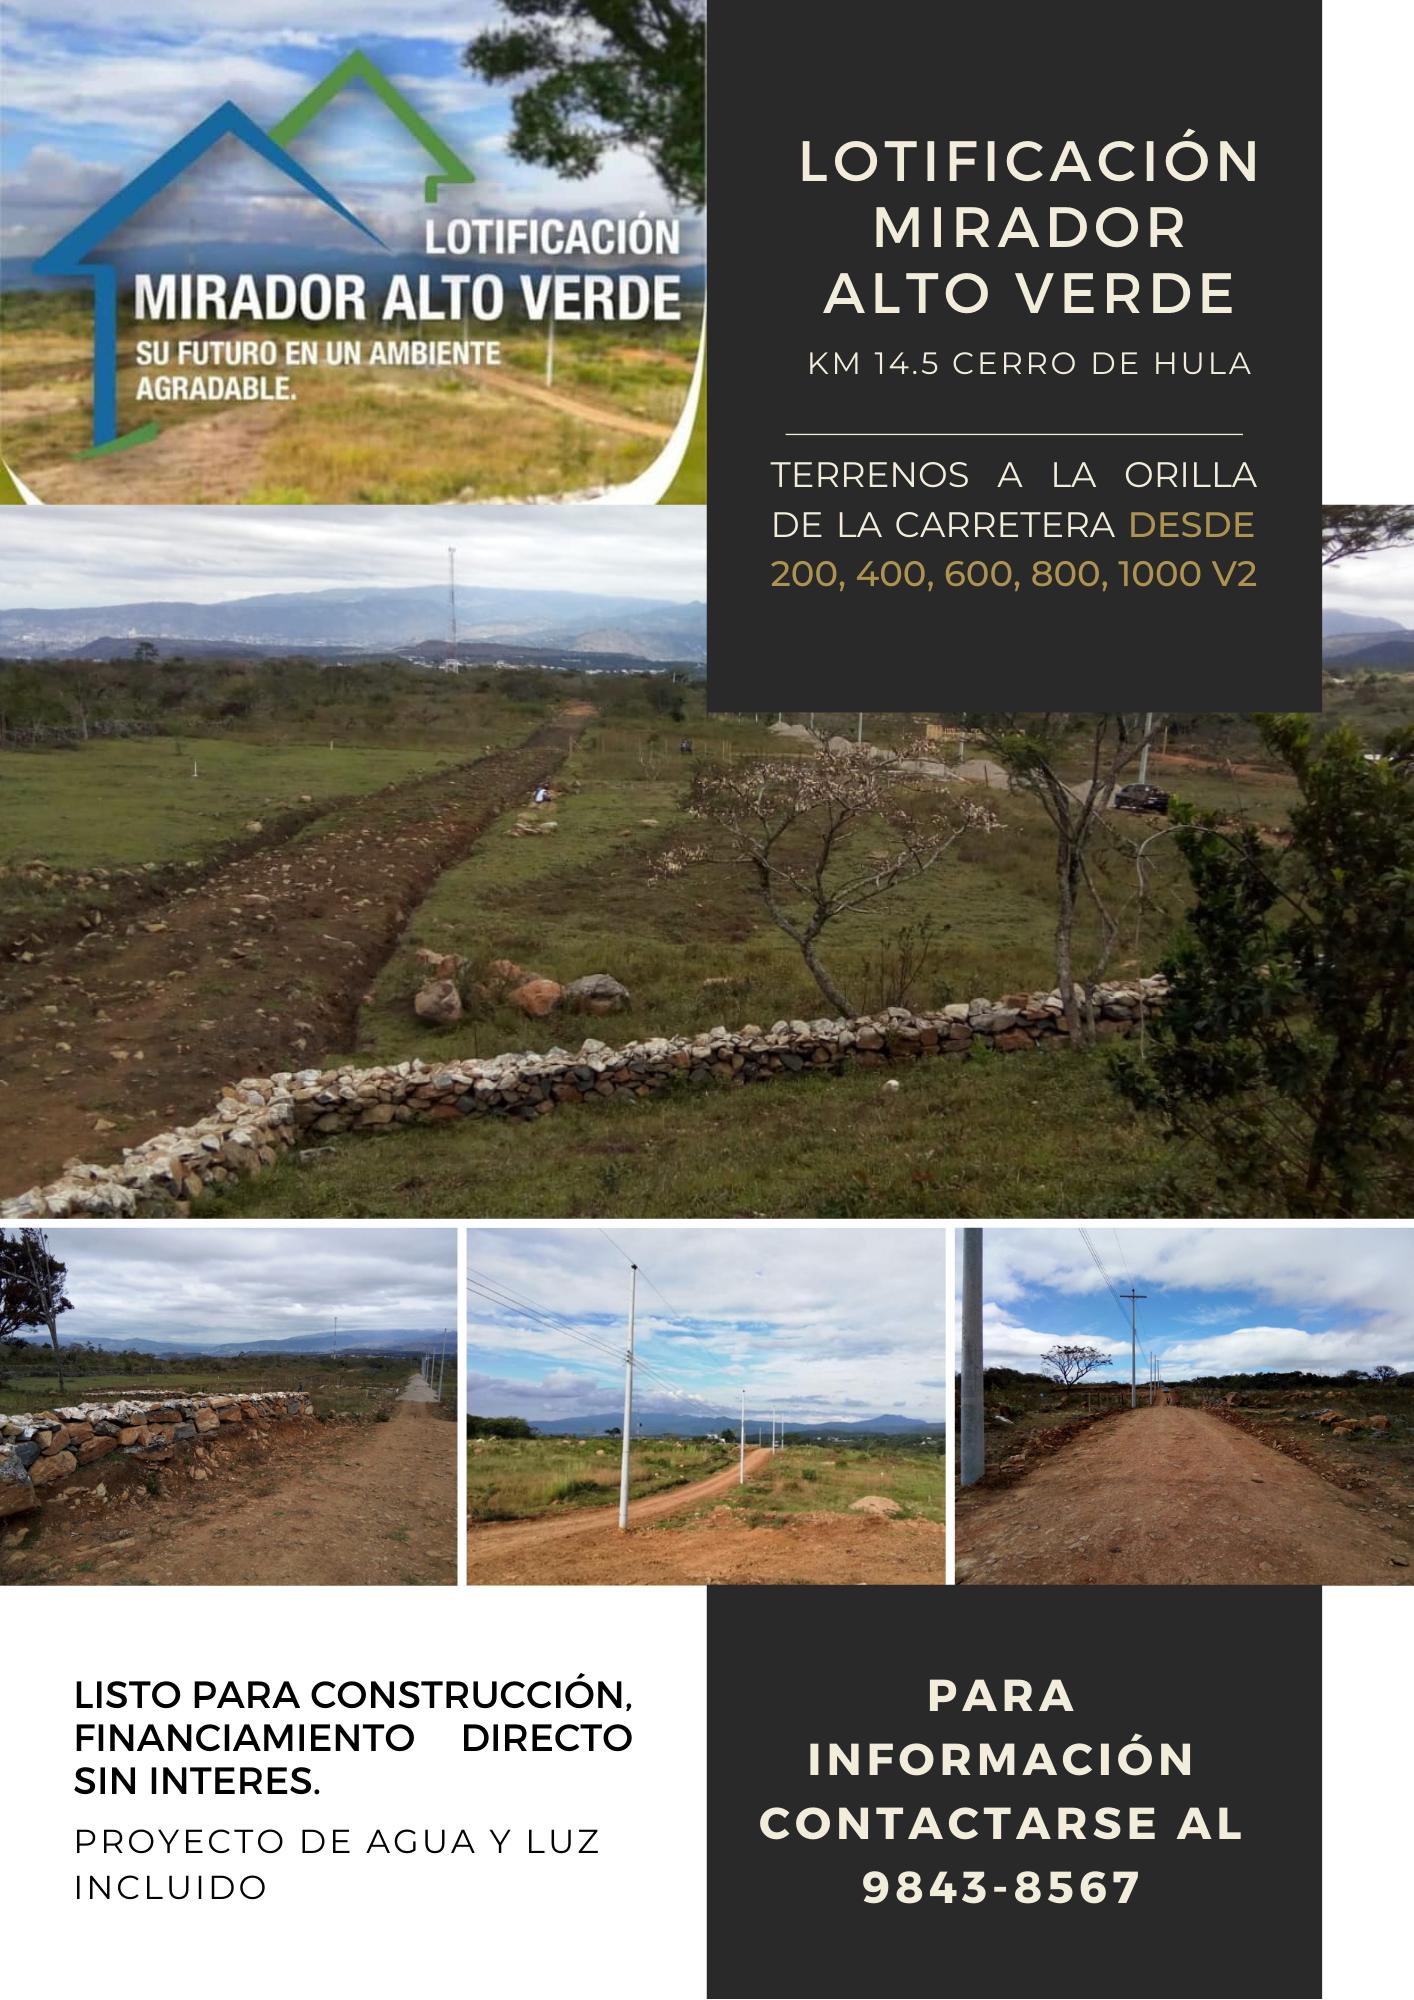 Lotes Mirador Alto Verde Cerro de Hula